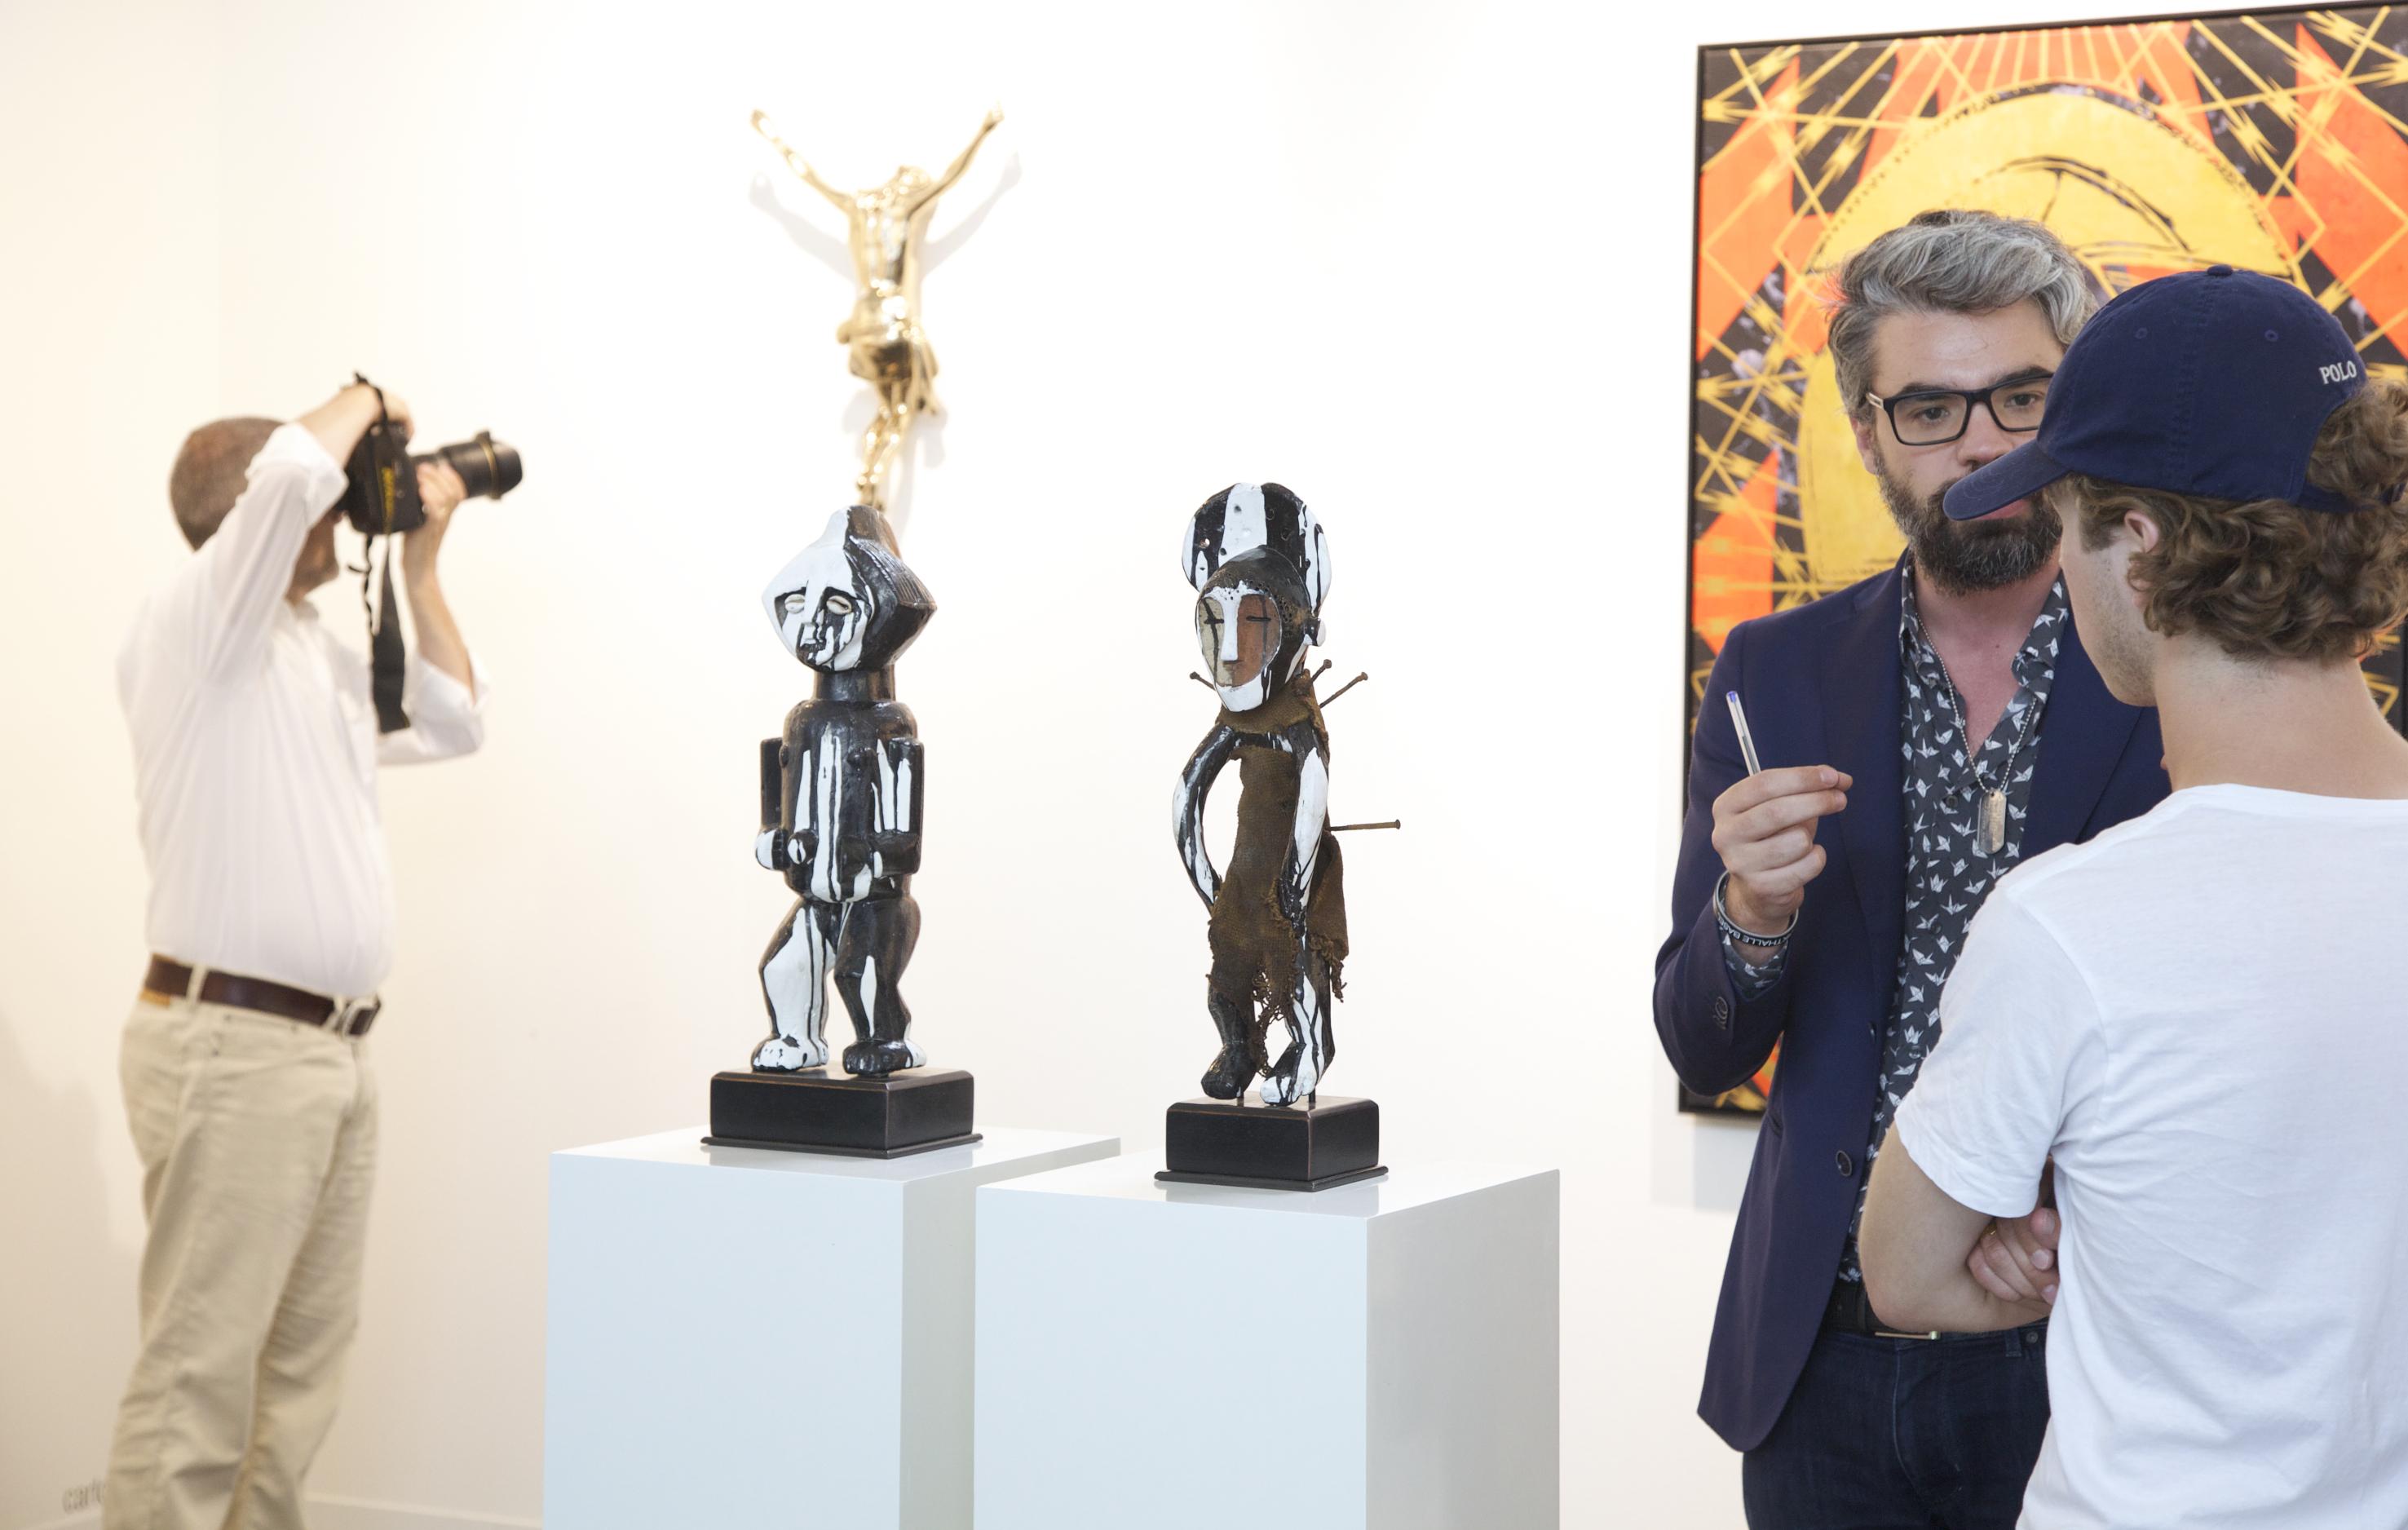 Francesco Giaveri (rechts von der ADN Galería, Barcelona) bespricht mit einem Sammler Werke von Carlos Aires und Kendell Geers | Foto: Nicholas Winter Photography with courtesy of VOLTA